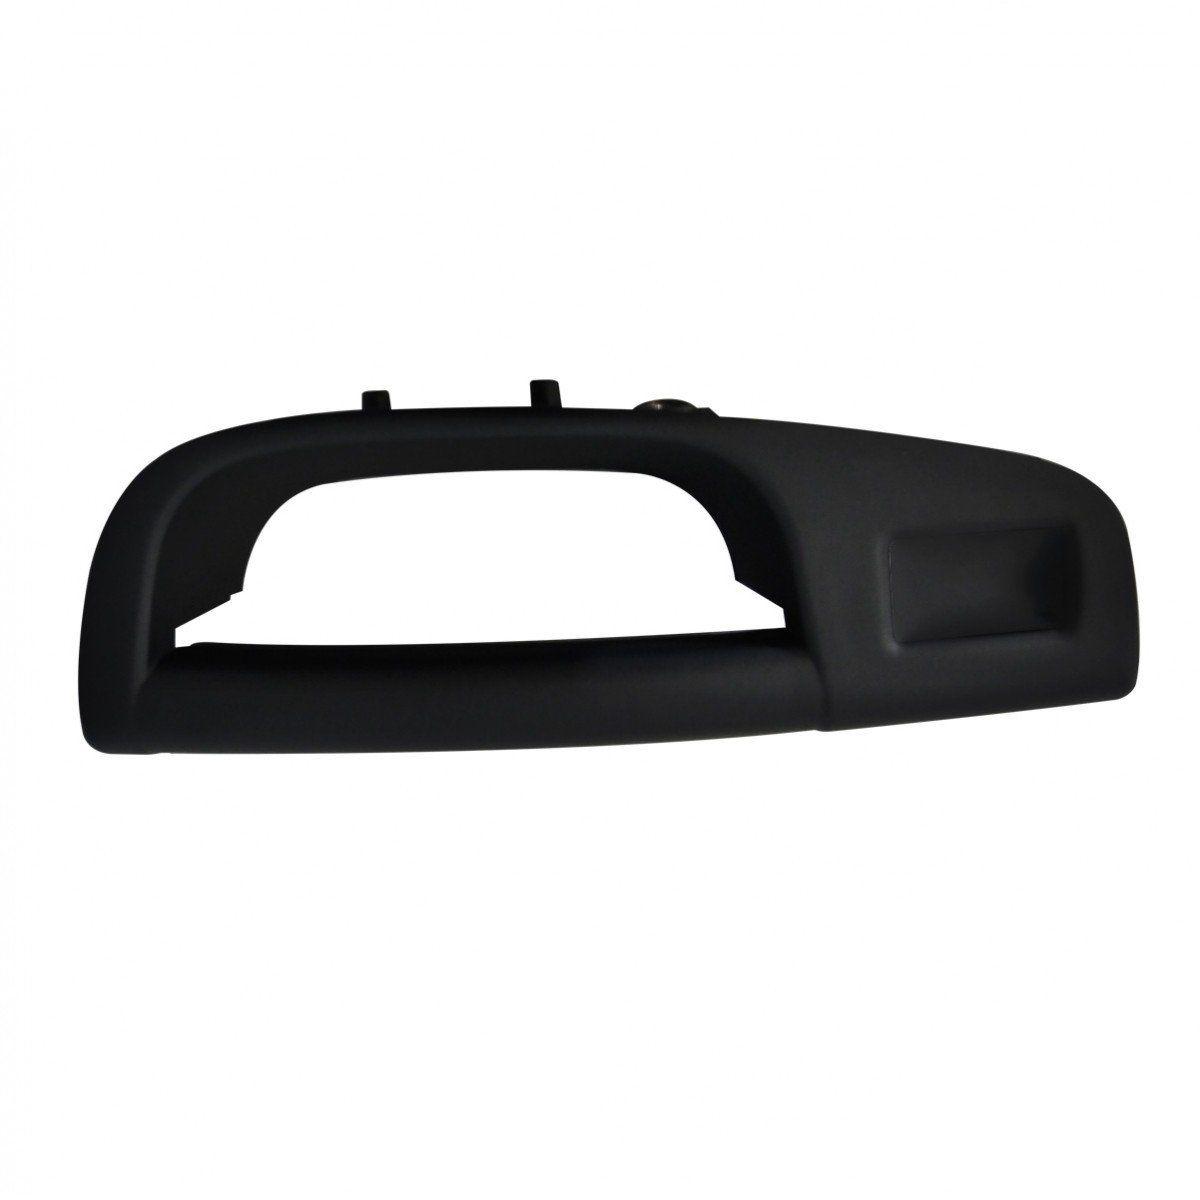 Puxador Interno Porta Traseira Gol G5 G6 - Preto Esquerdo